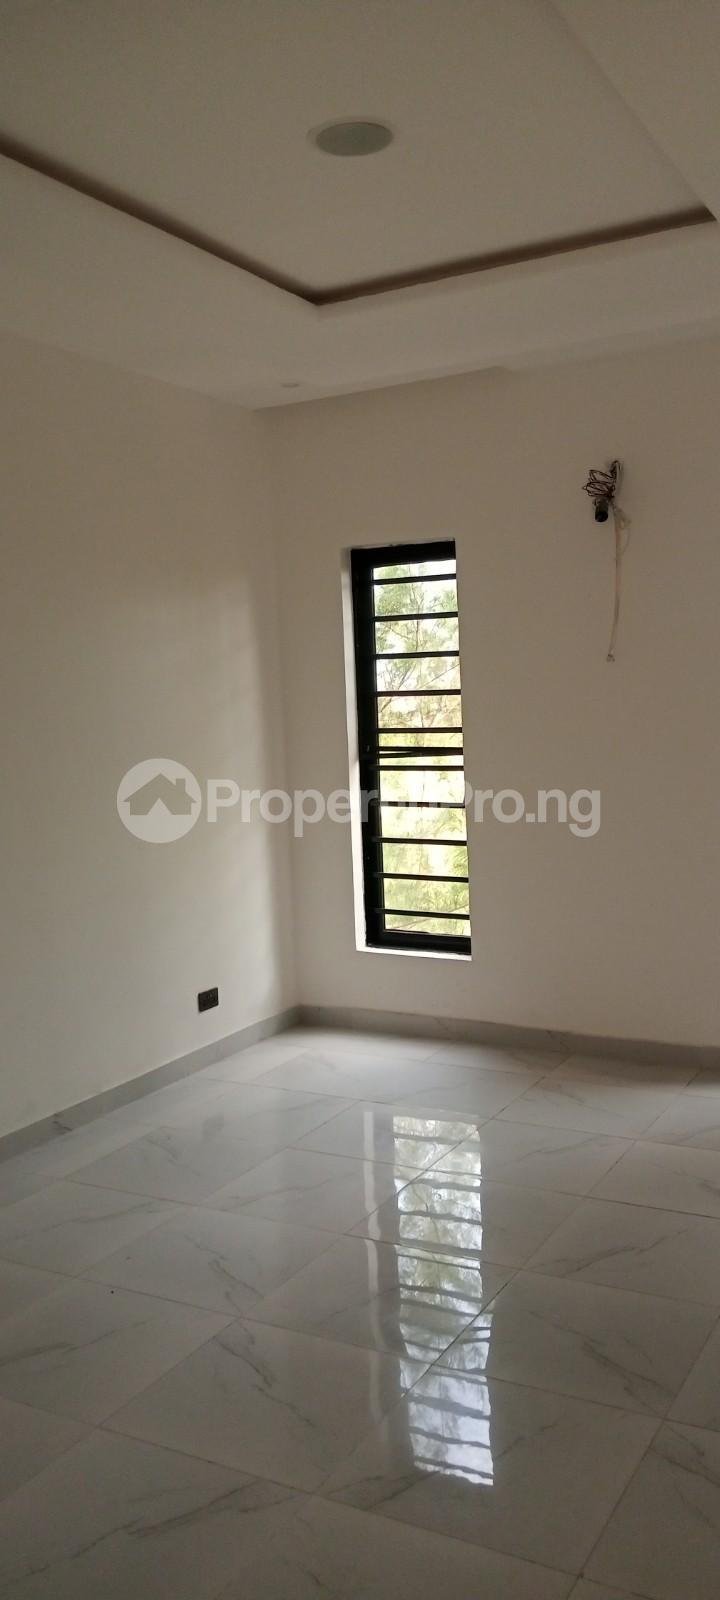 5 bedroom Detached Duplex for sale Megamound Estate, Lekki County Homes, Ikota Lekki Lagos - 14